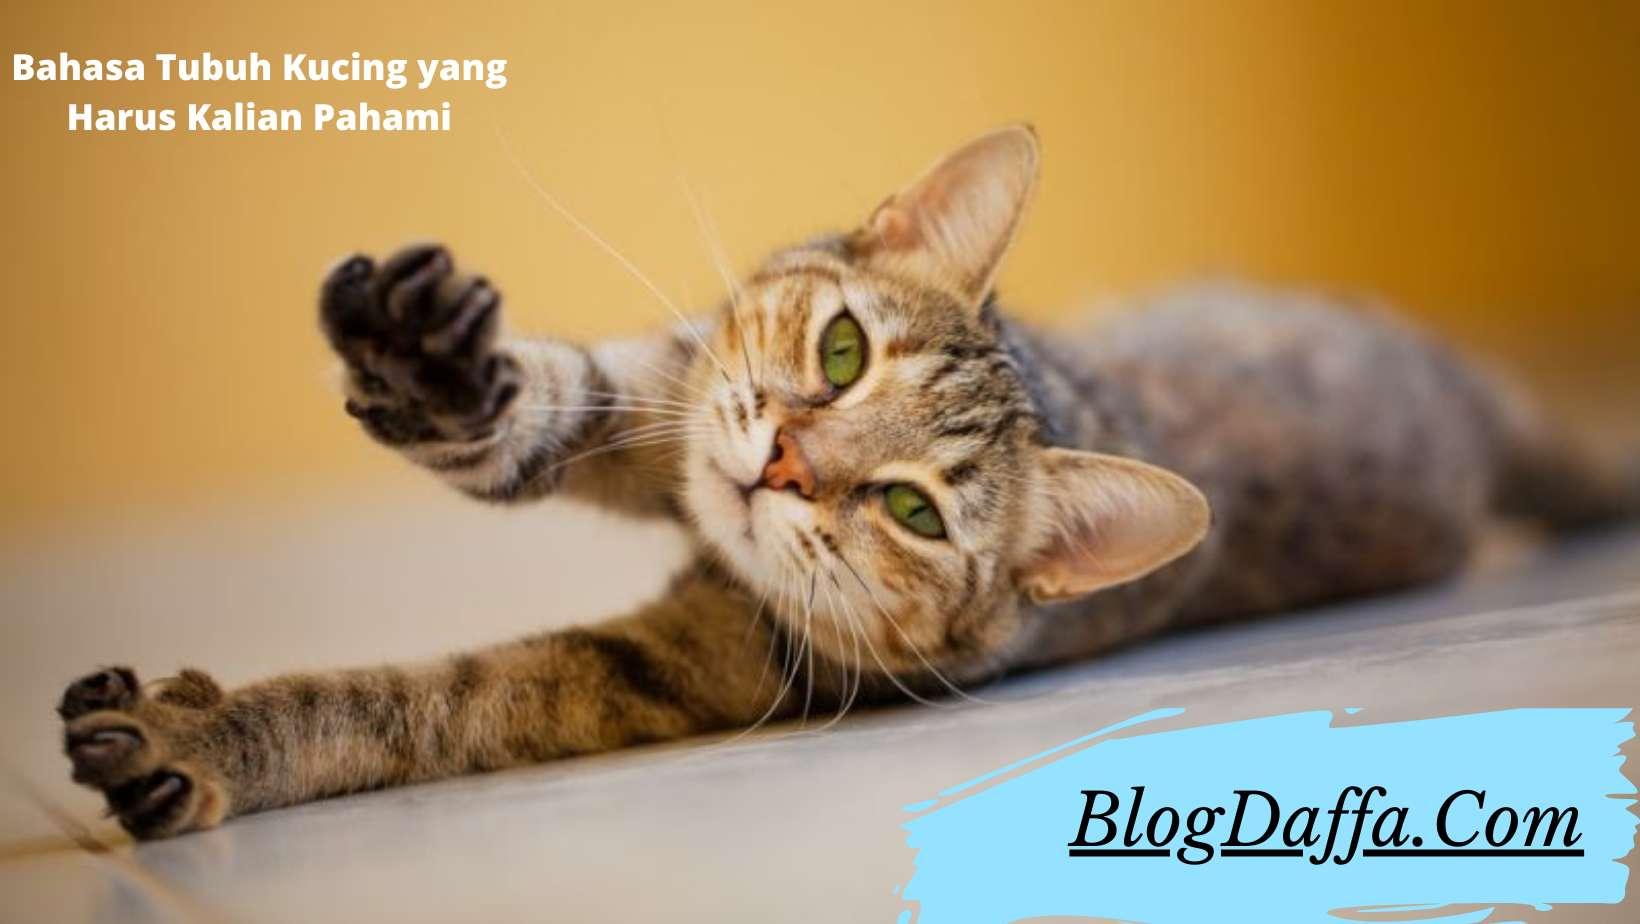 Bahasa Tubuh Kucing yang Harus Kalian Pahami